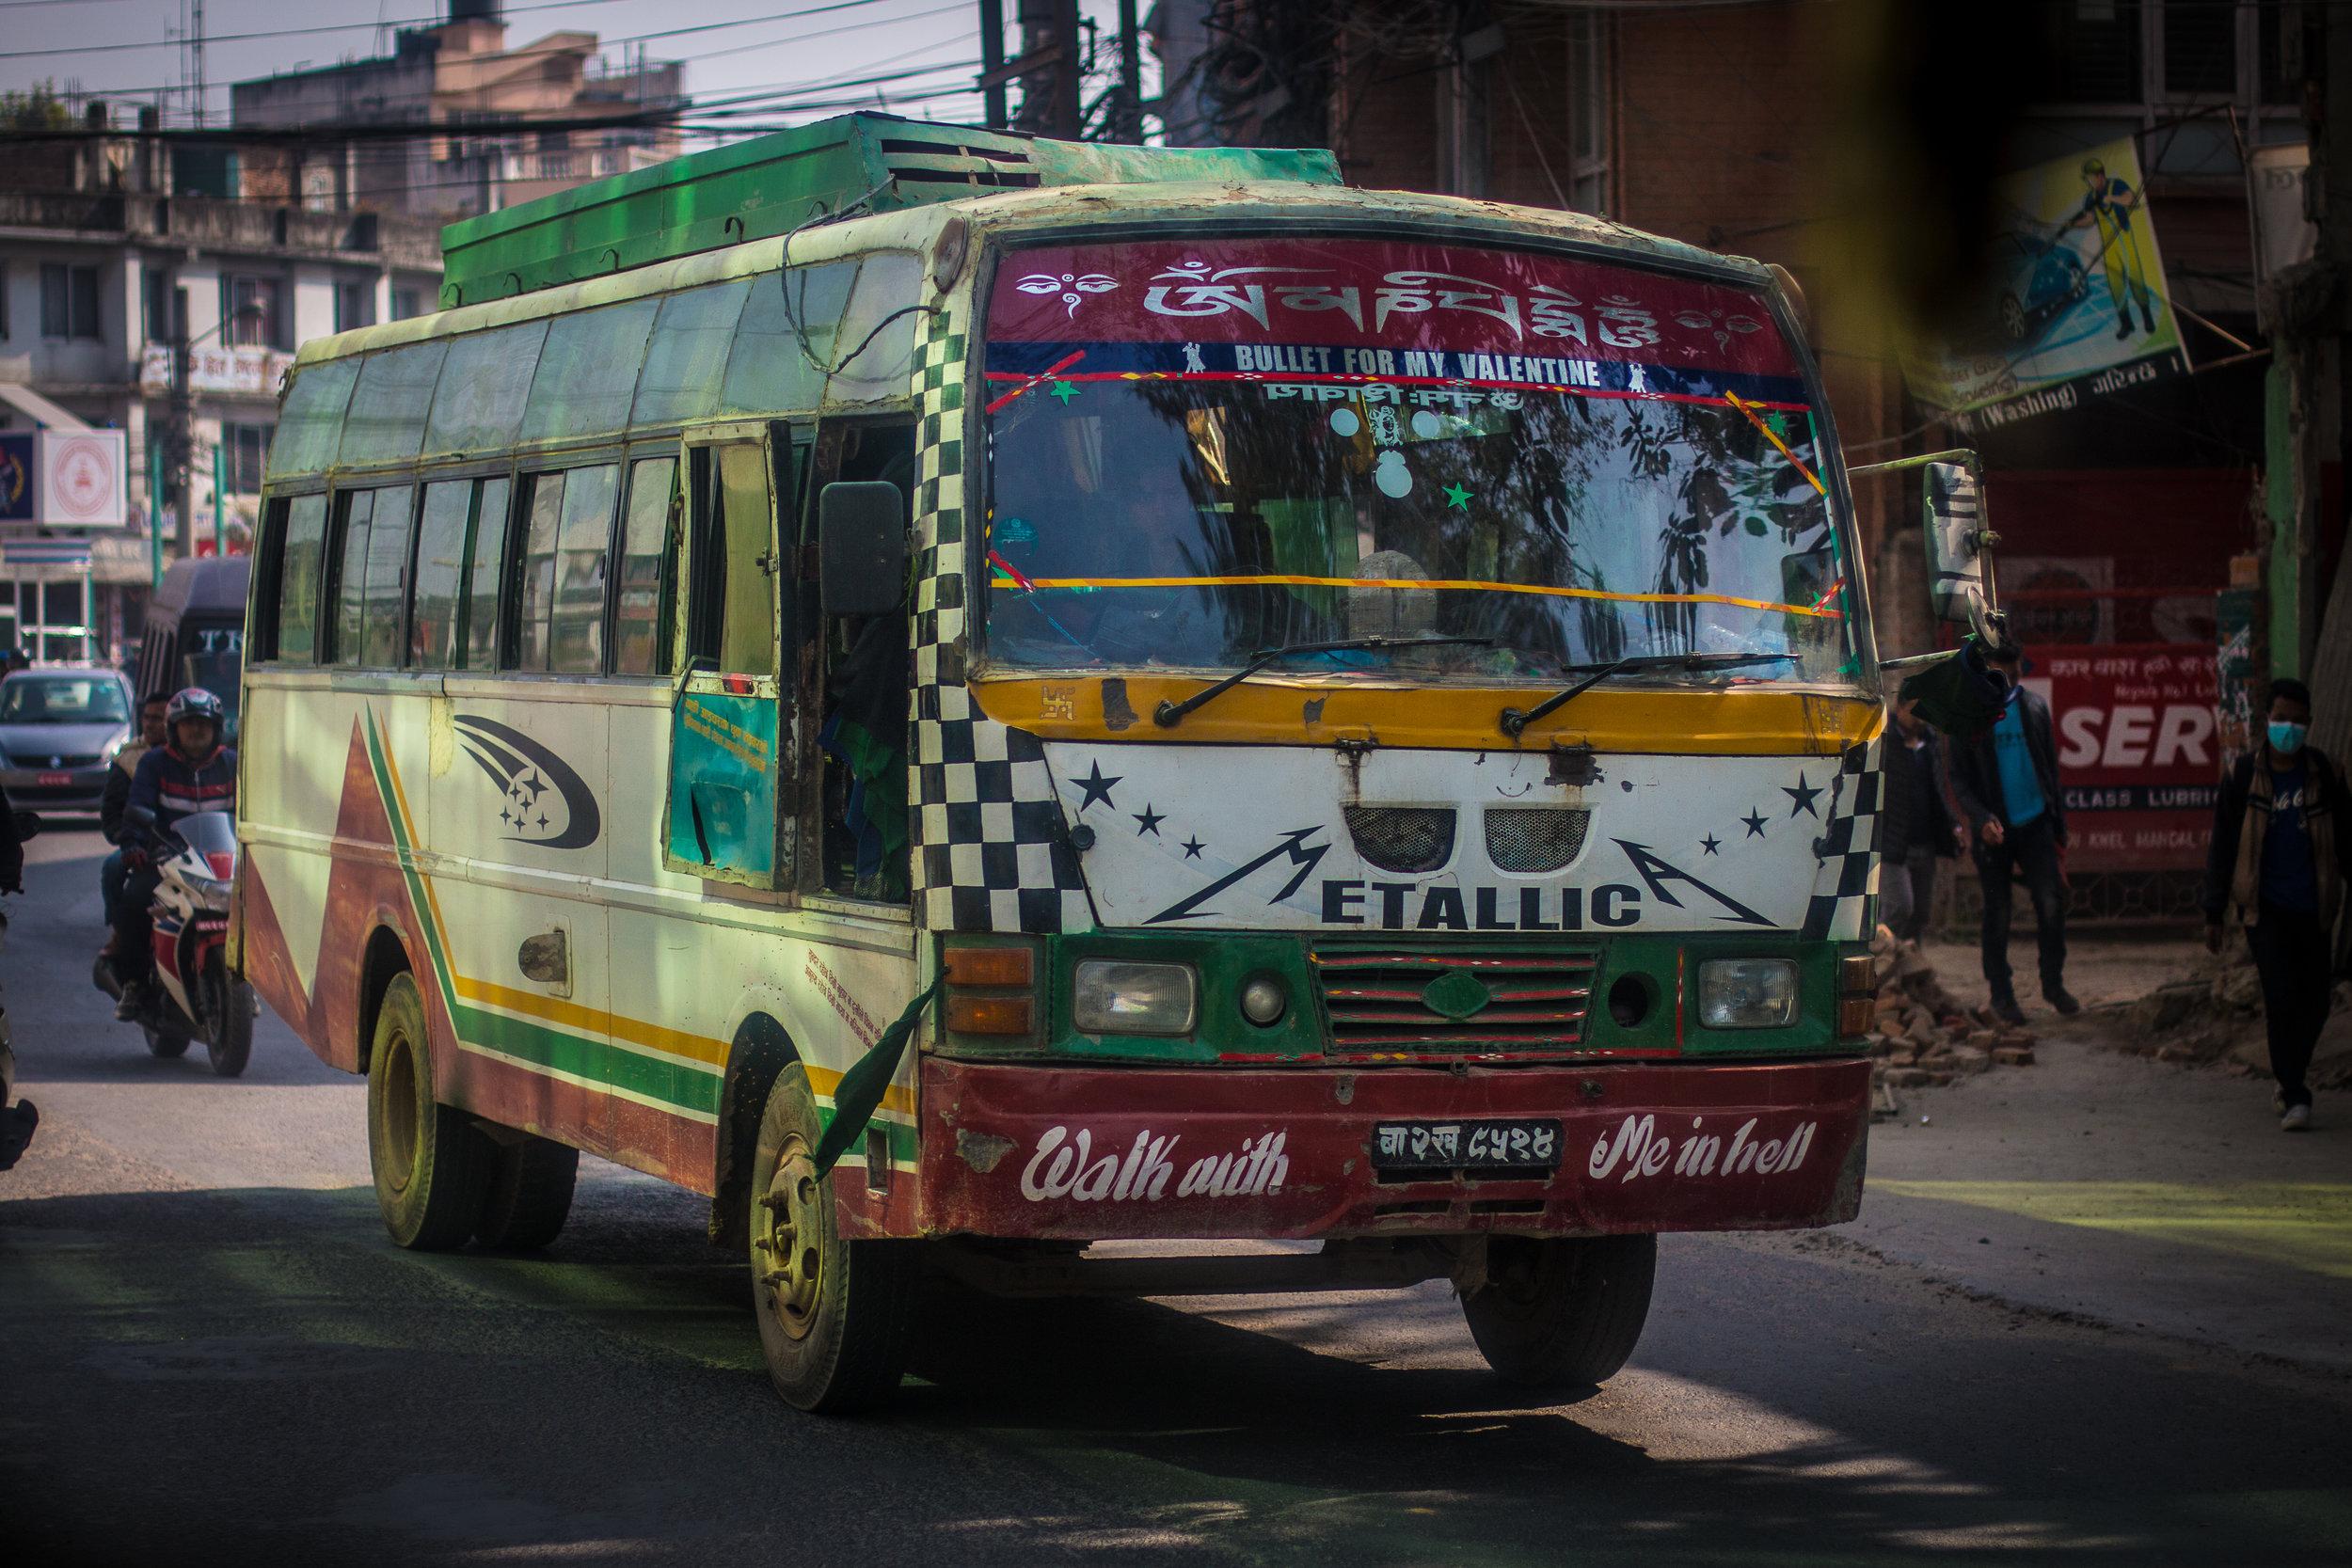 Paikalliset bussit jaksoivat aina naurattaa kirjoituksillaan.